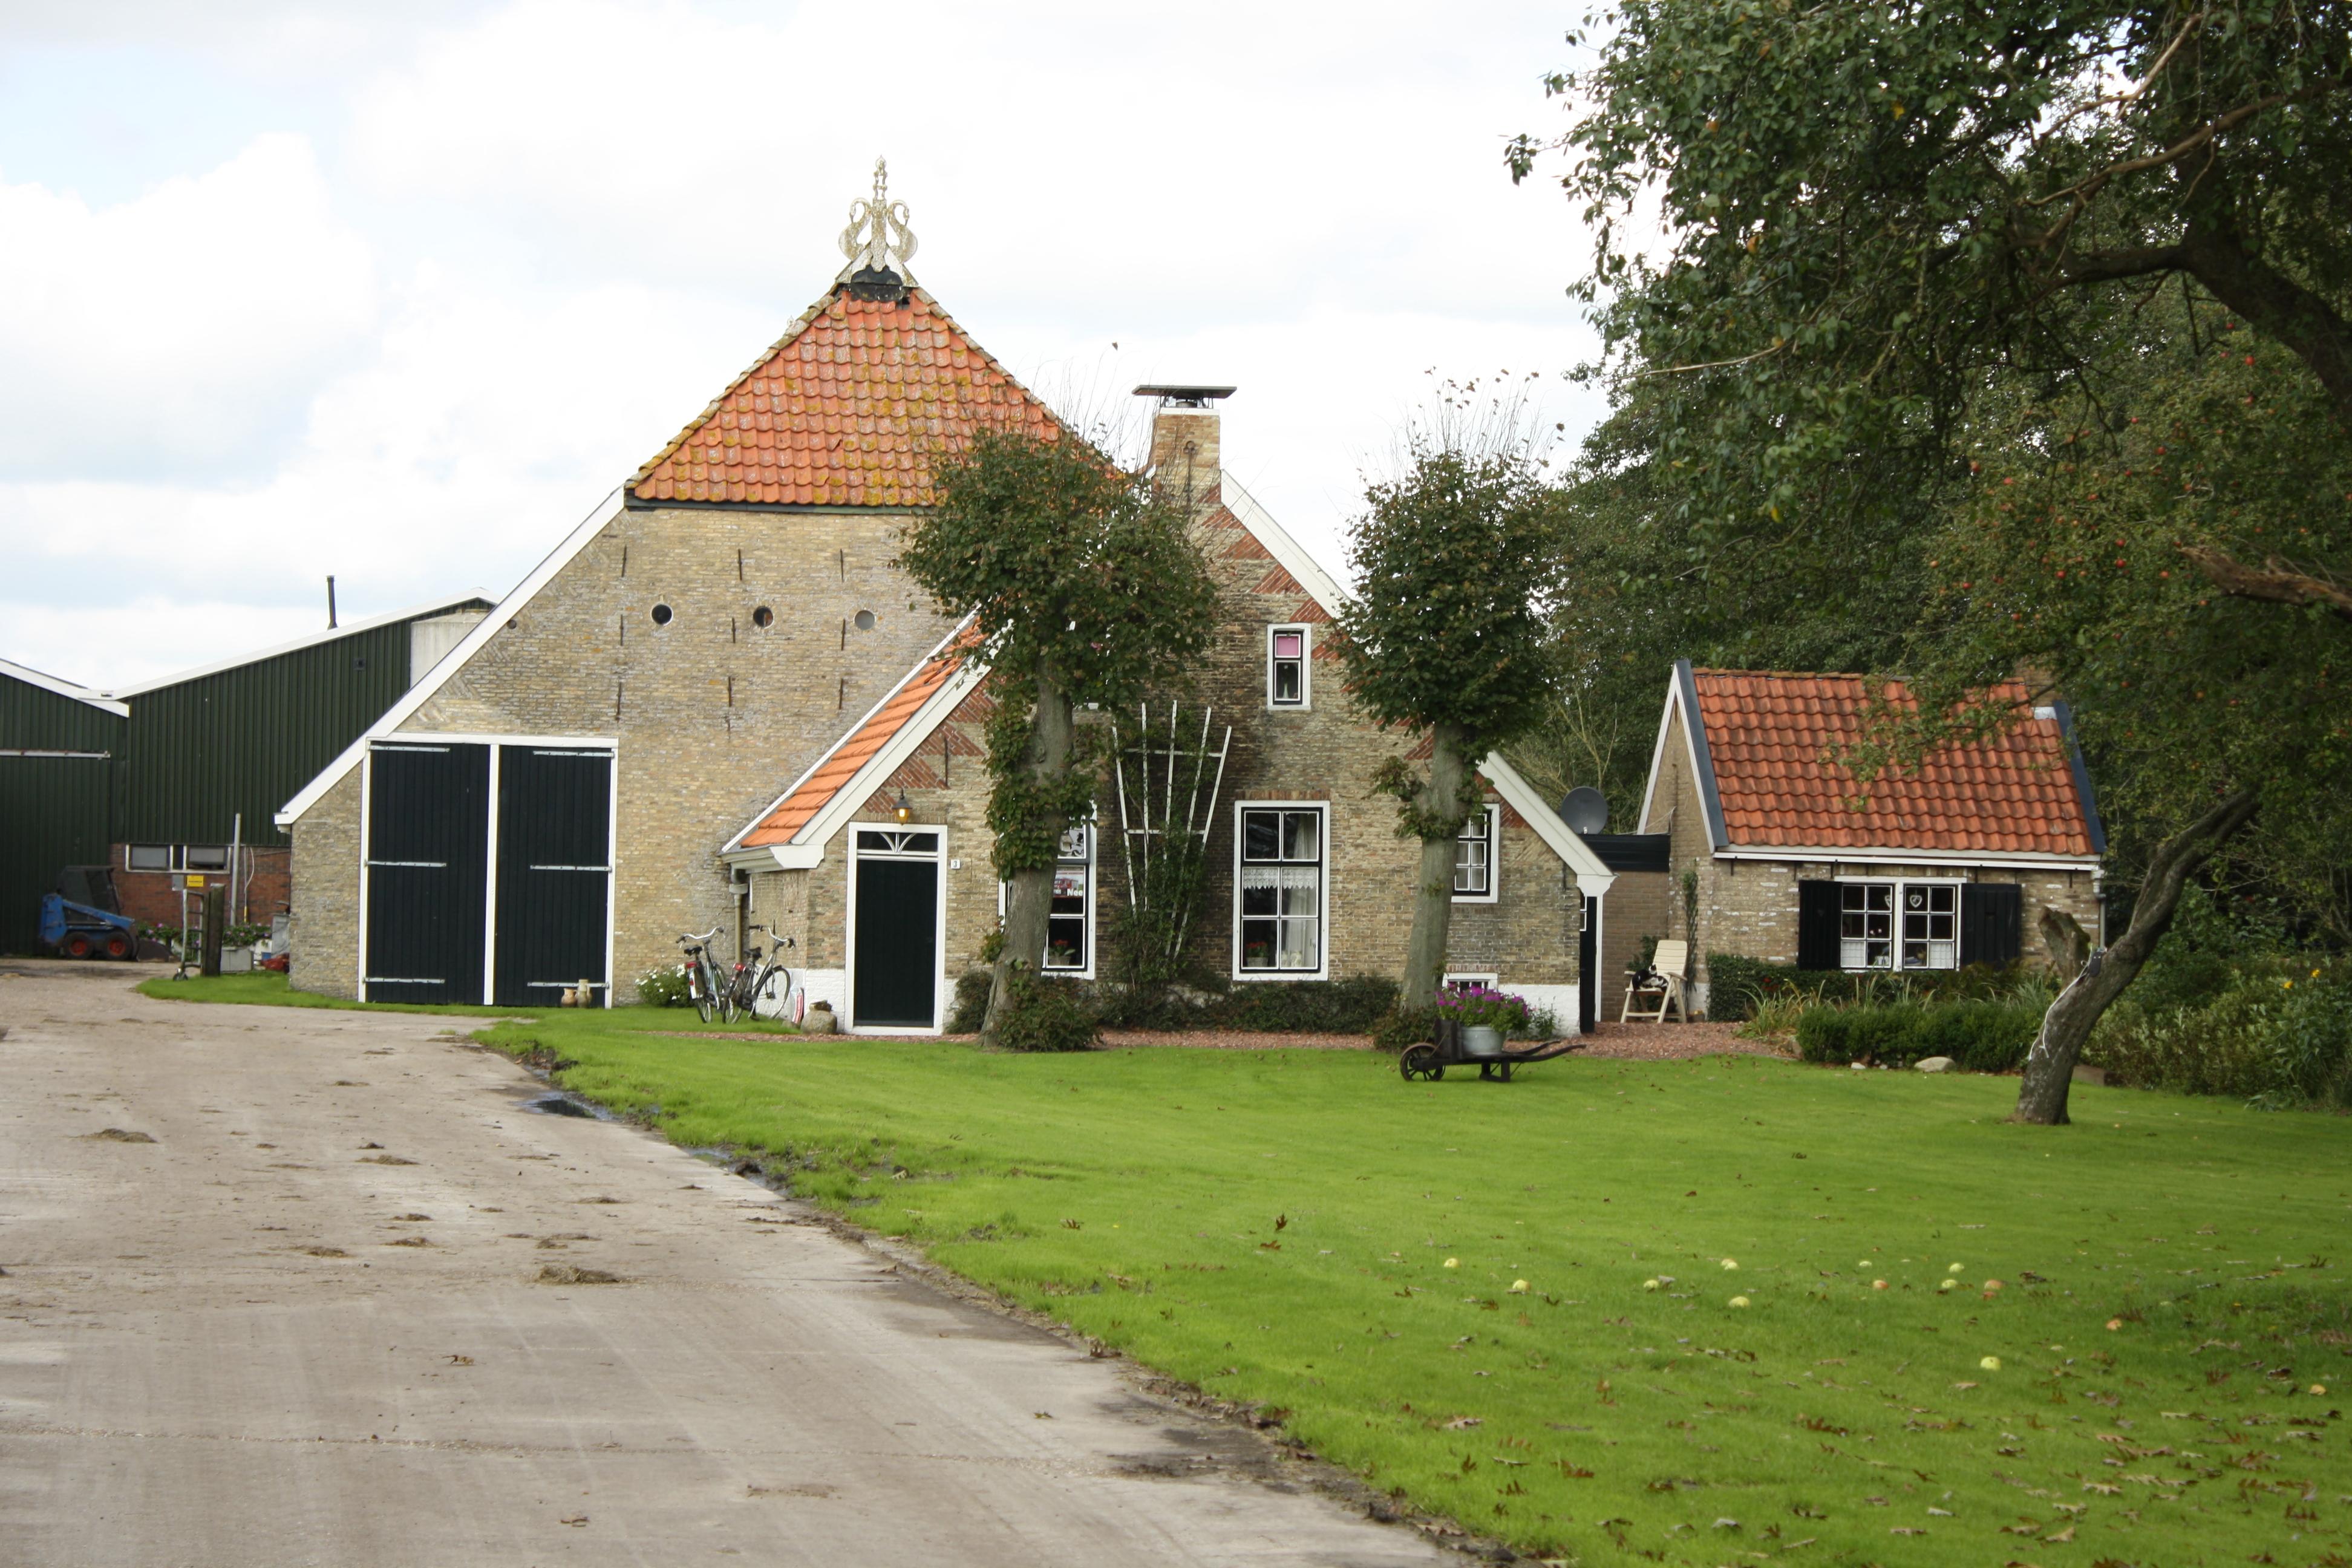 boerderij met saksisch voorhuis en friese schuur in